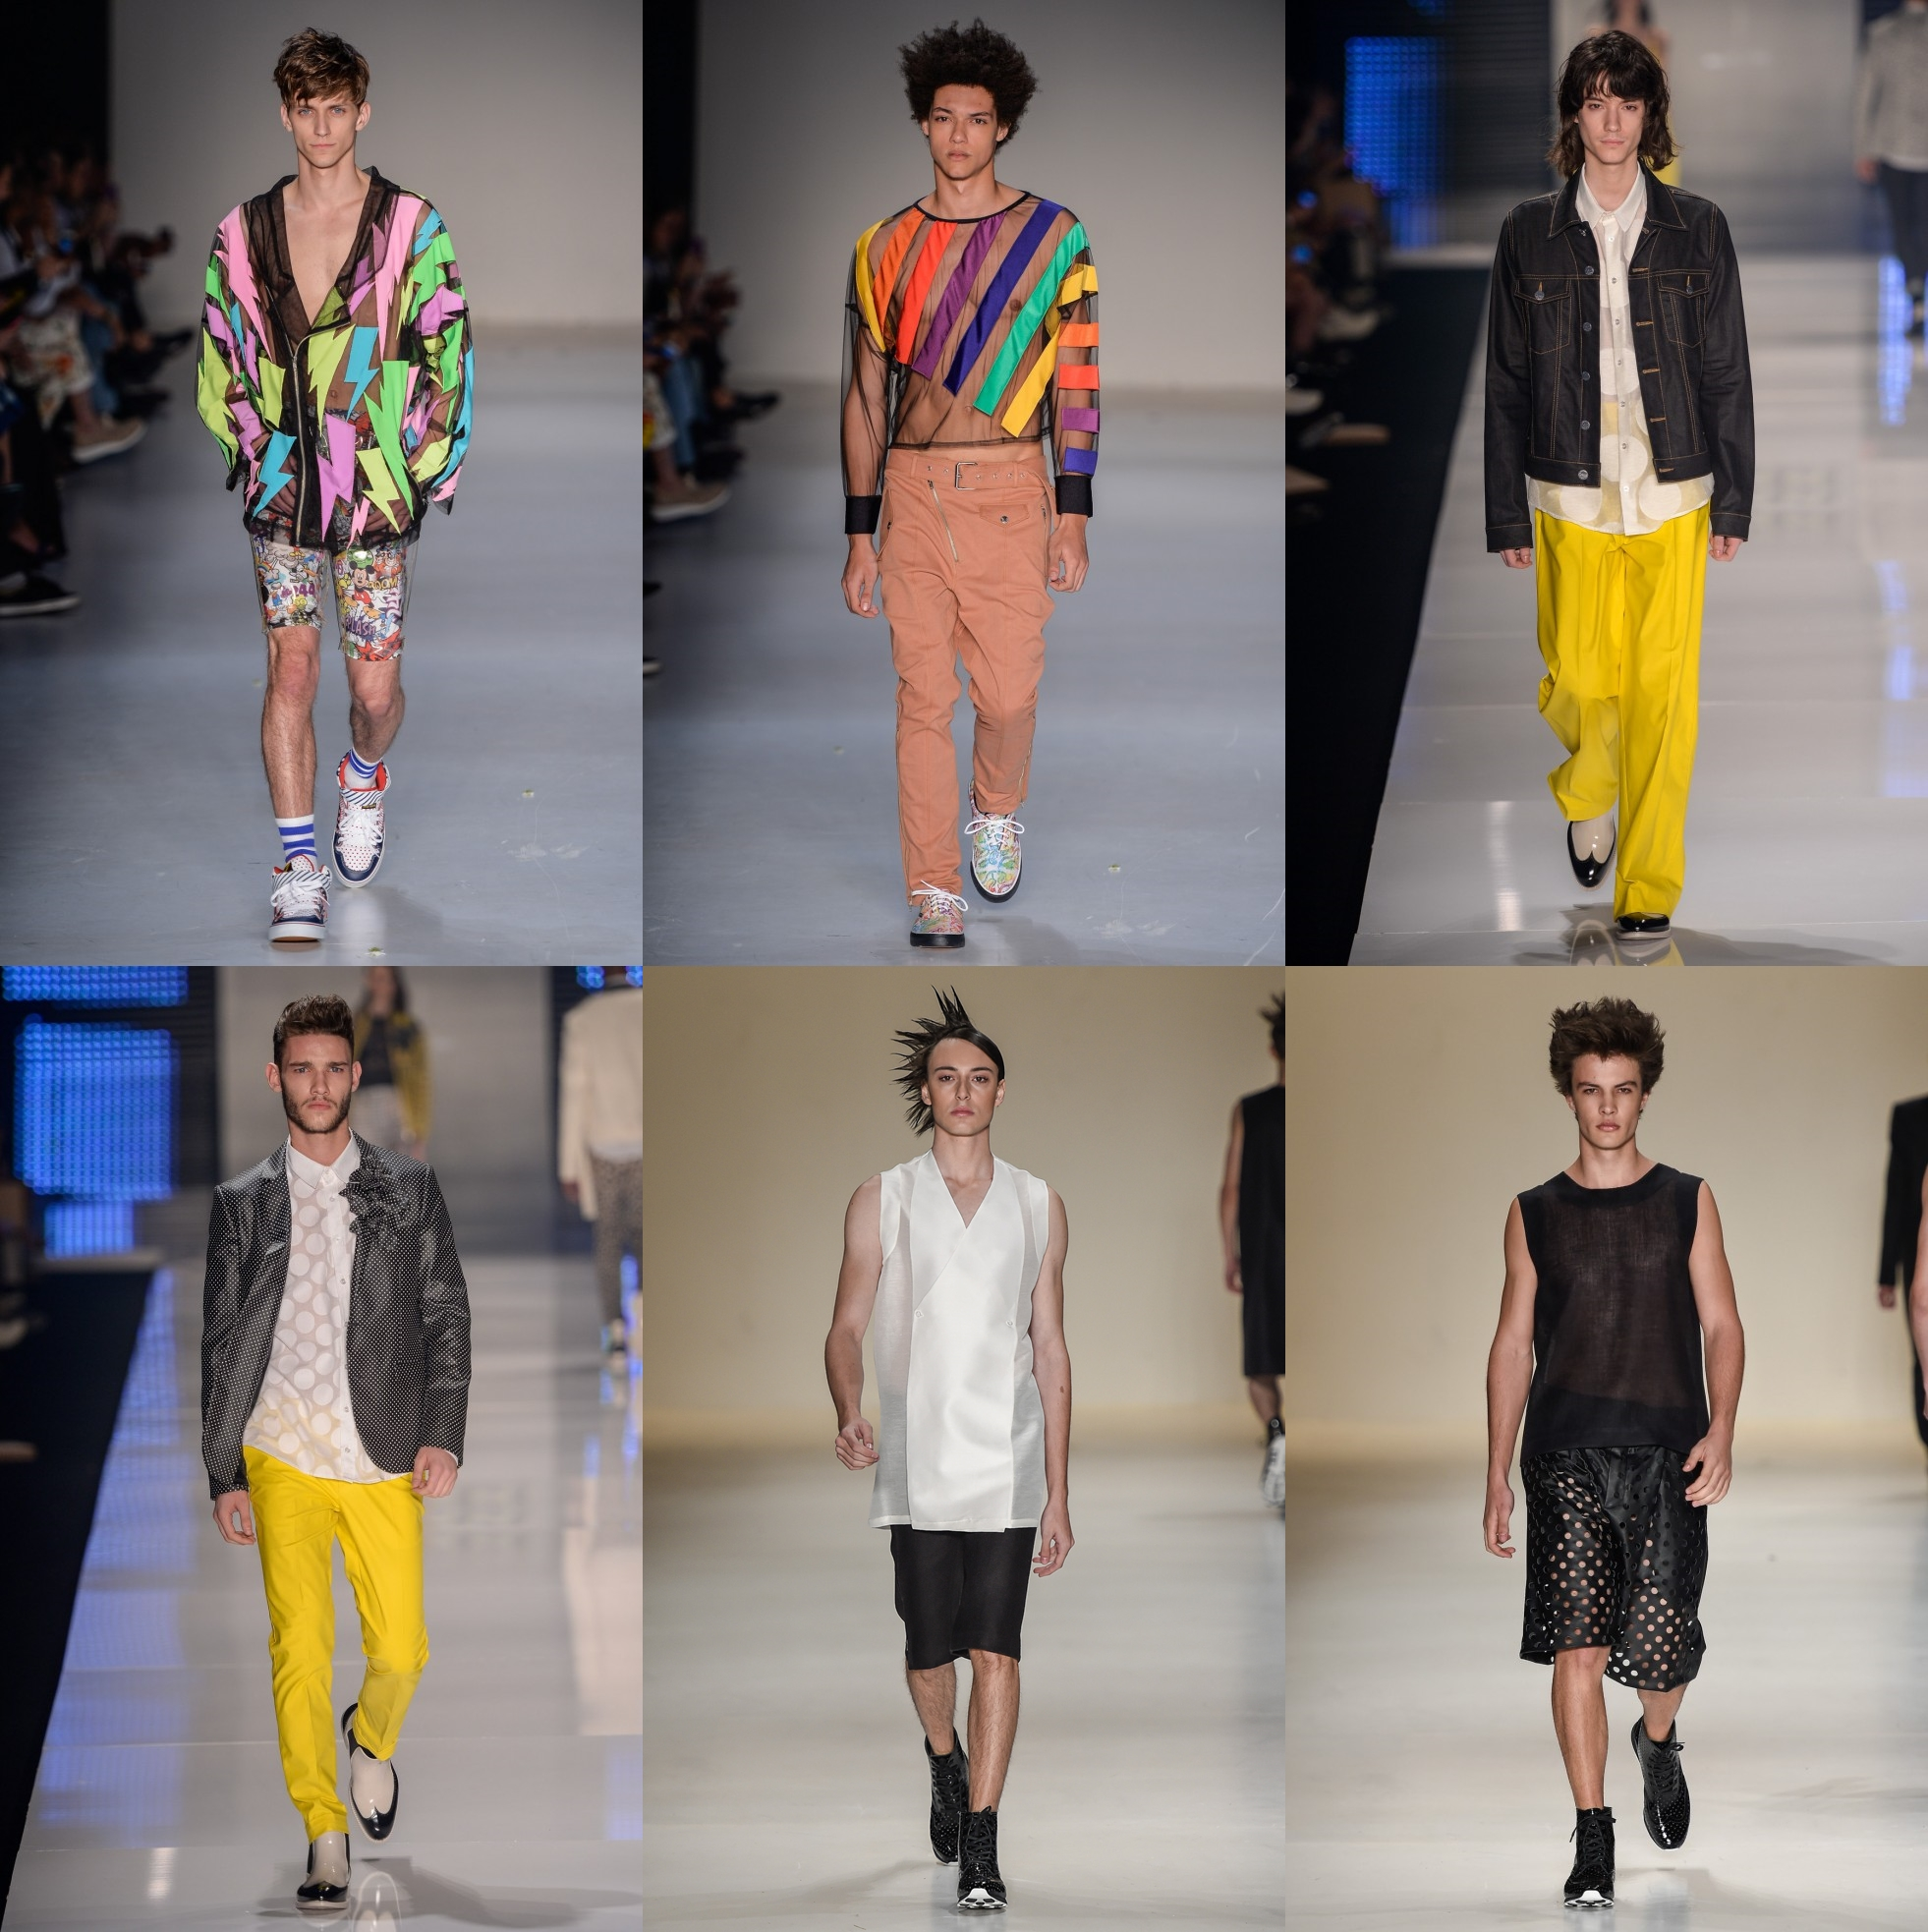 spfw verão 2016, summer 2016, tendencia masculina, trends, fashion blogger, blogueiro de moda, alex cursino, richard brito, social media, influencer,